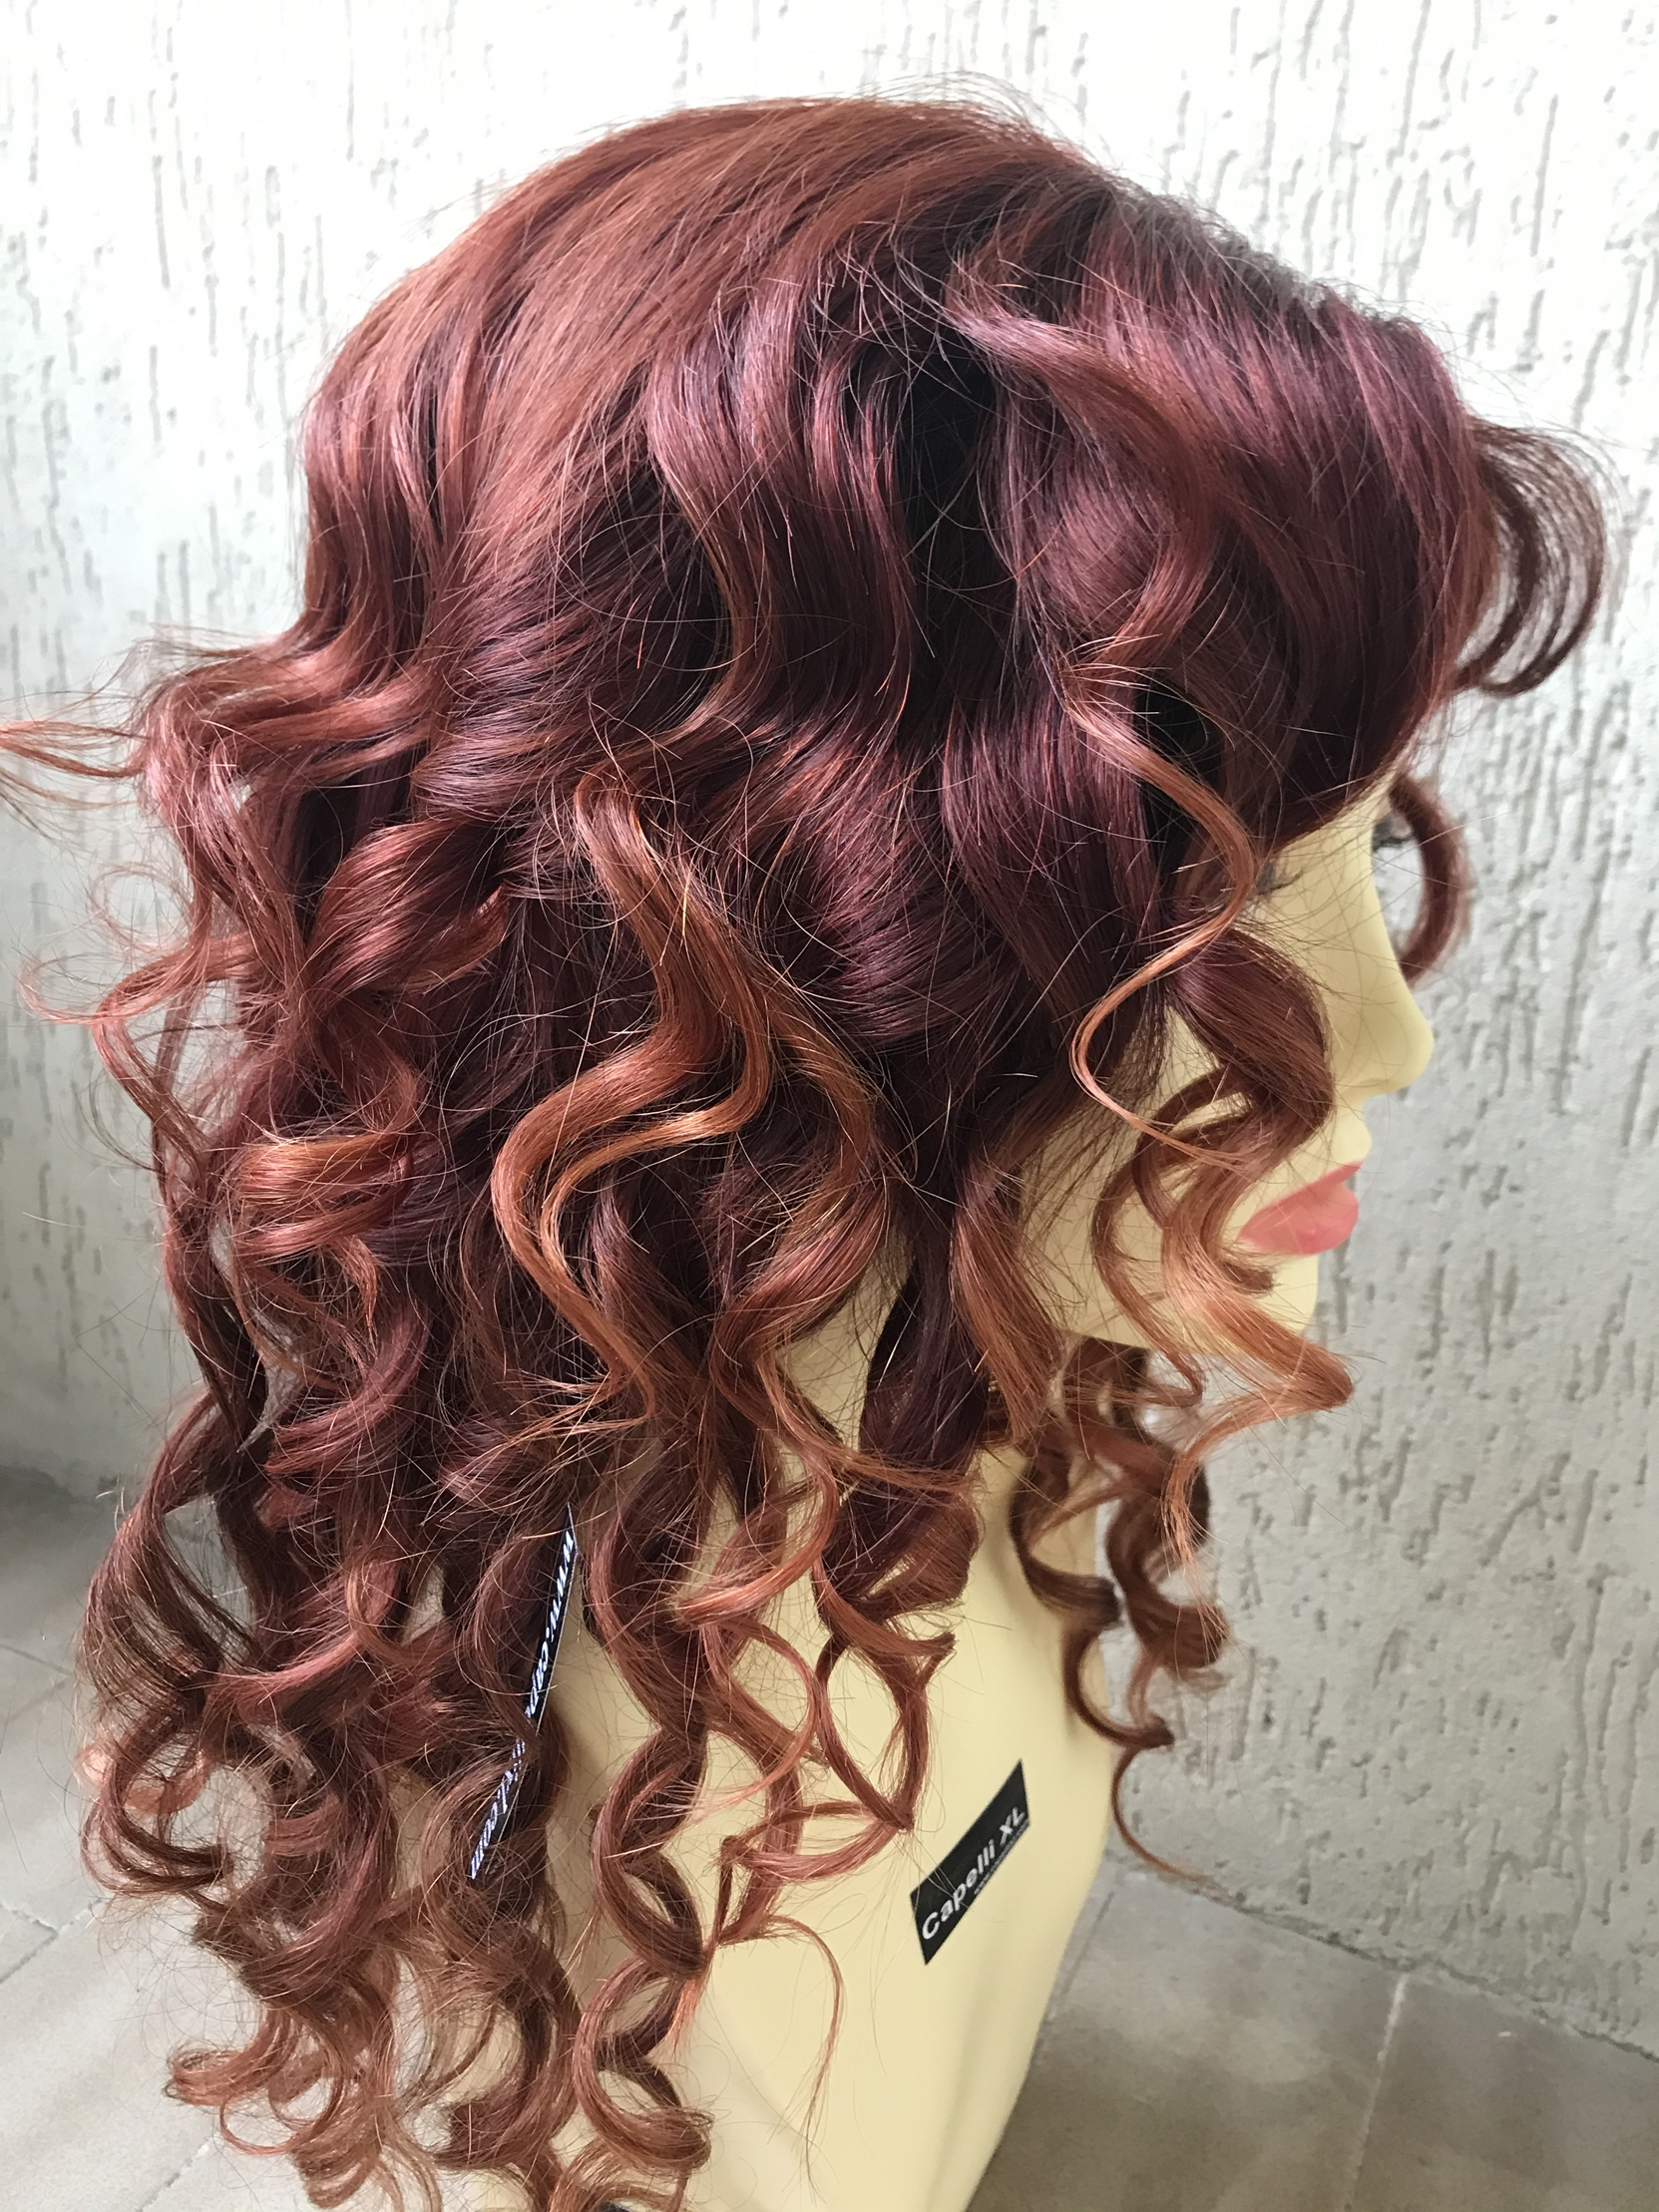 Parrucca lunga Colore rosso  capelli veri molto lunghi con frangialunghi